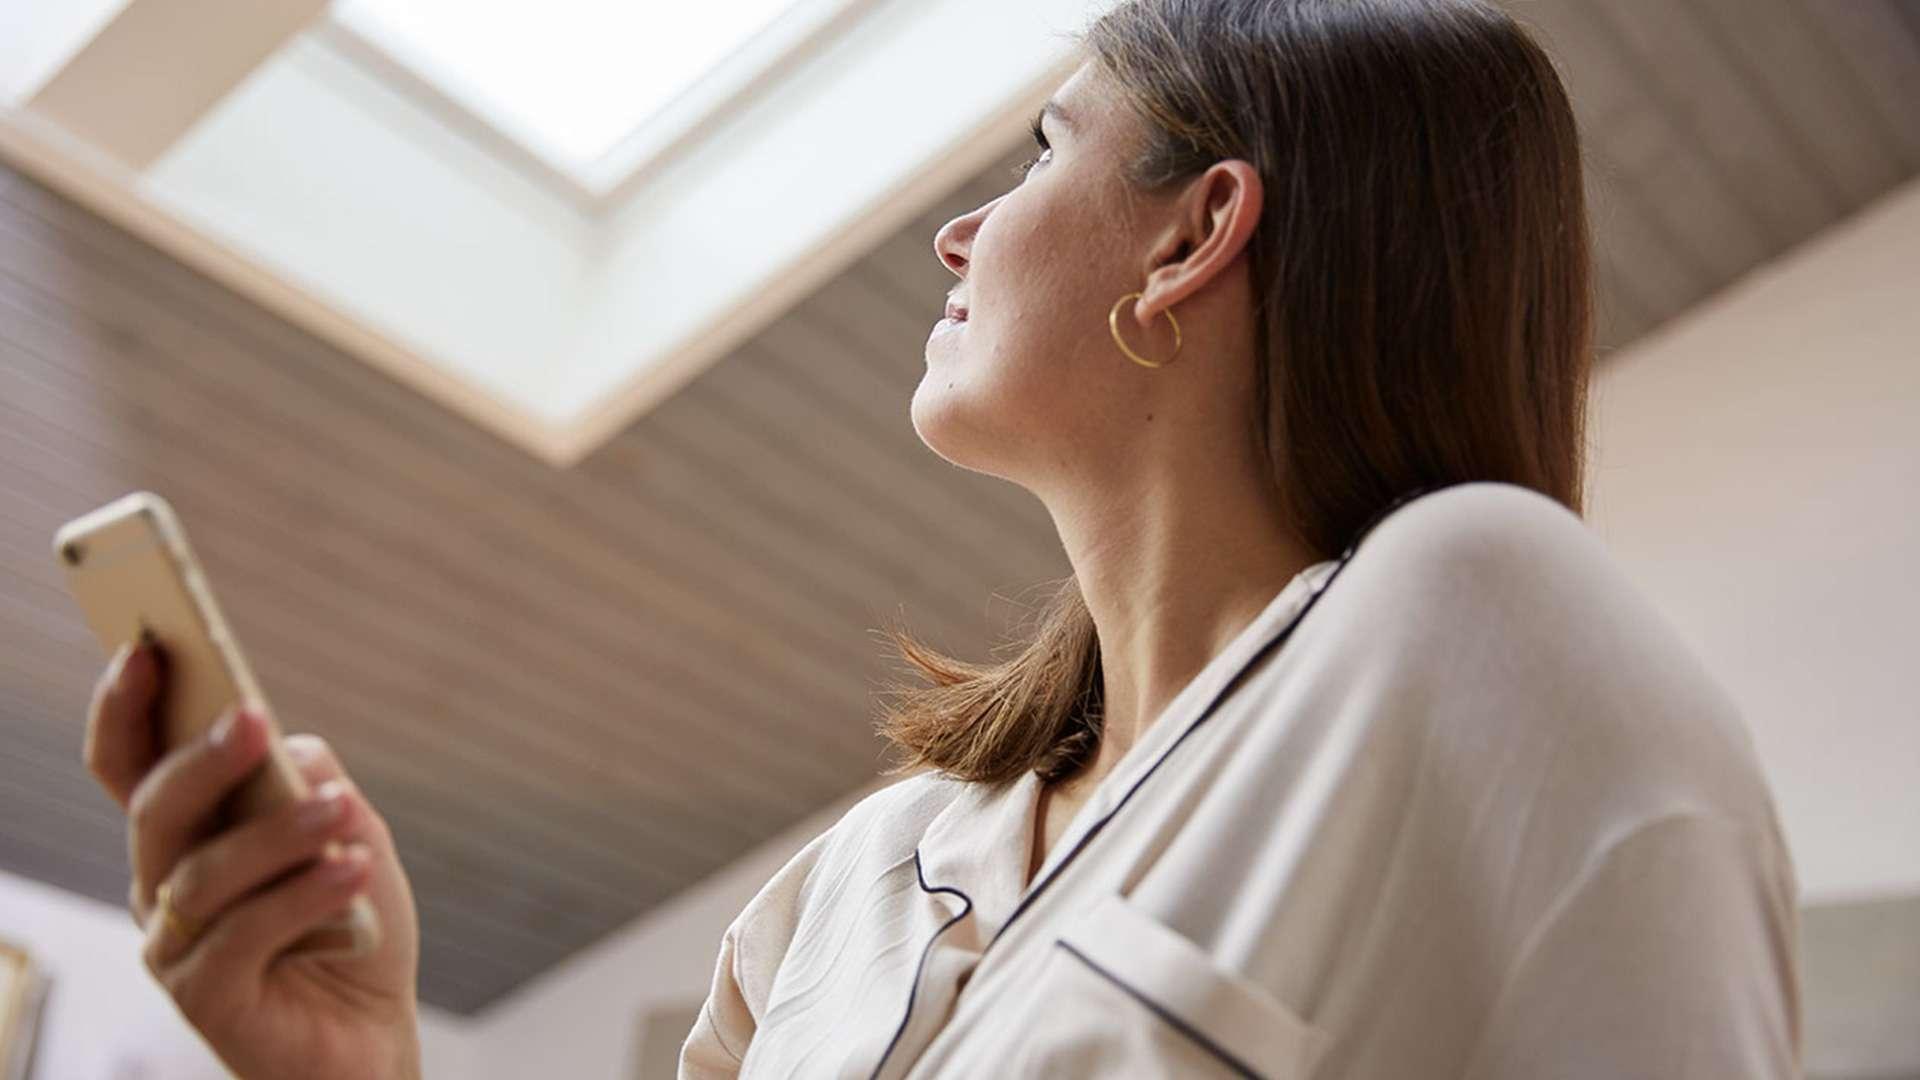 Frau öffnet ein VELUX INTEGRA® Dachfenster mit einer Fernbedienung